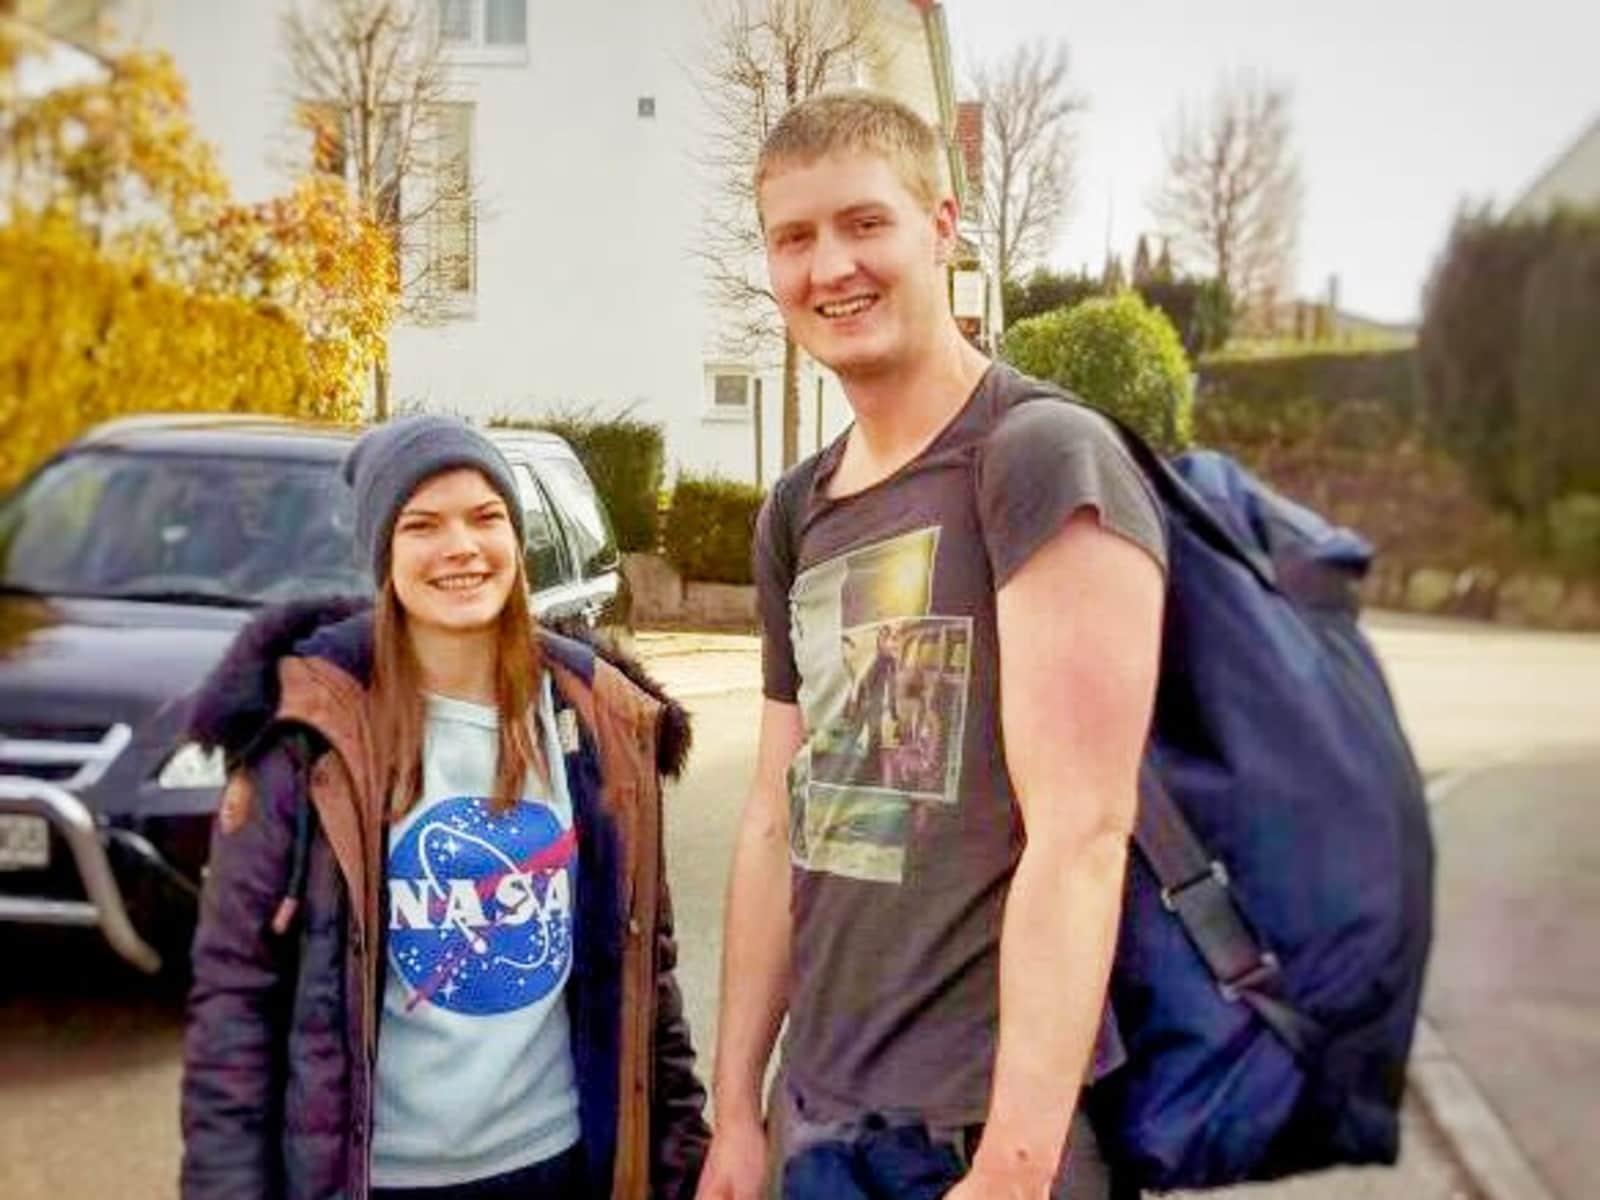 Carolin & martin & Carolin from Stuttgart, Germany